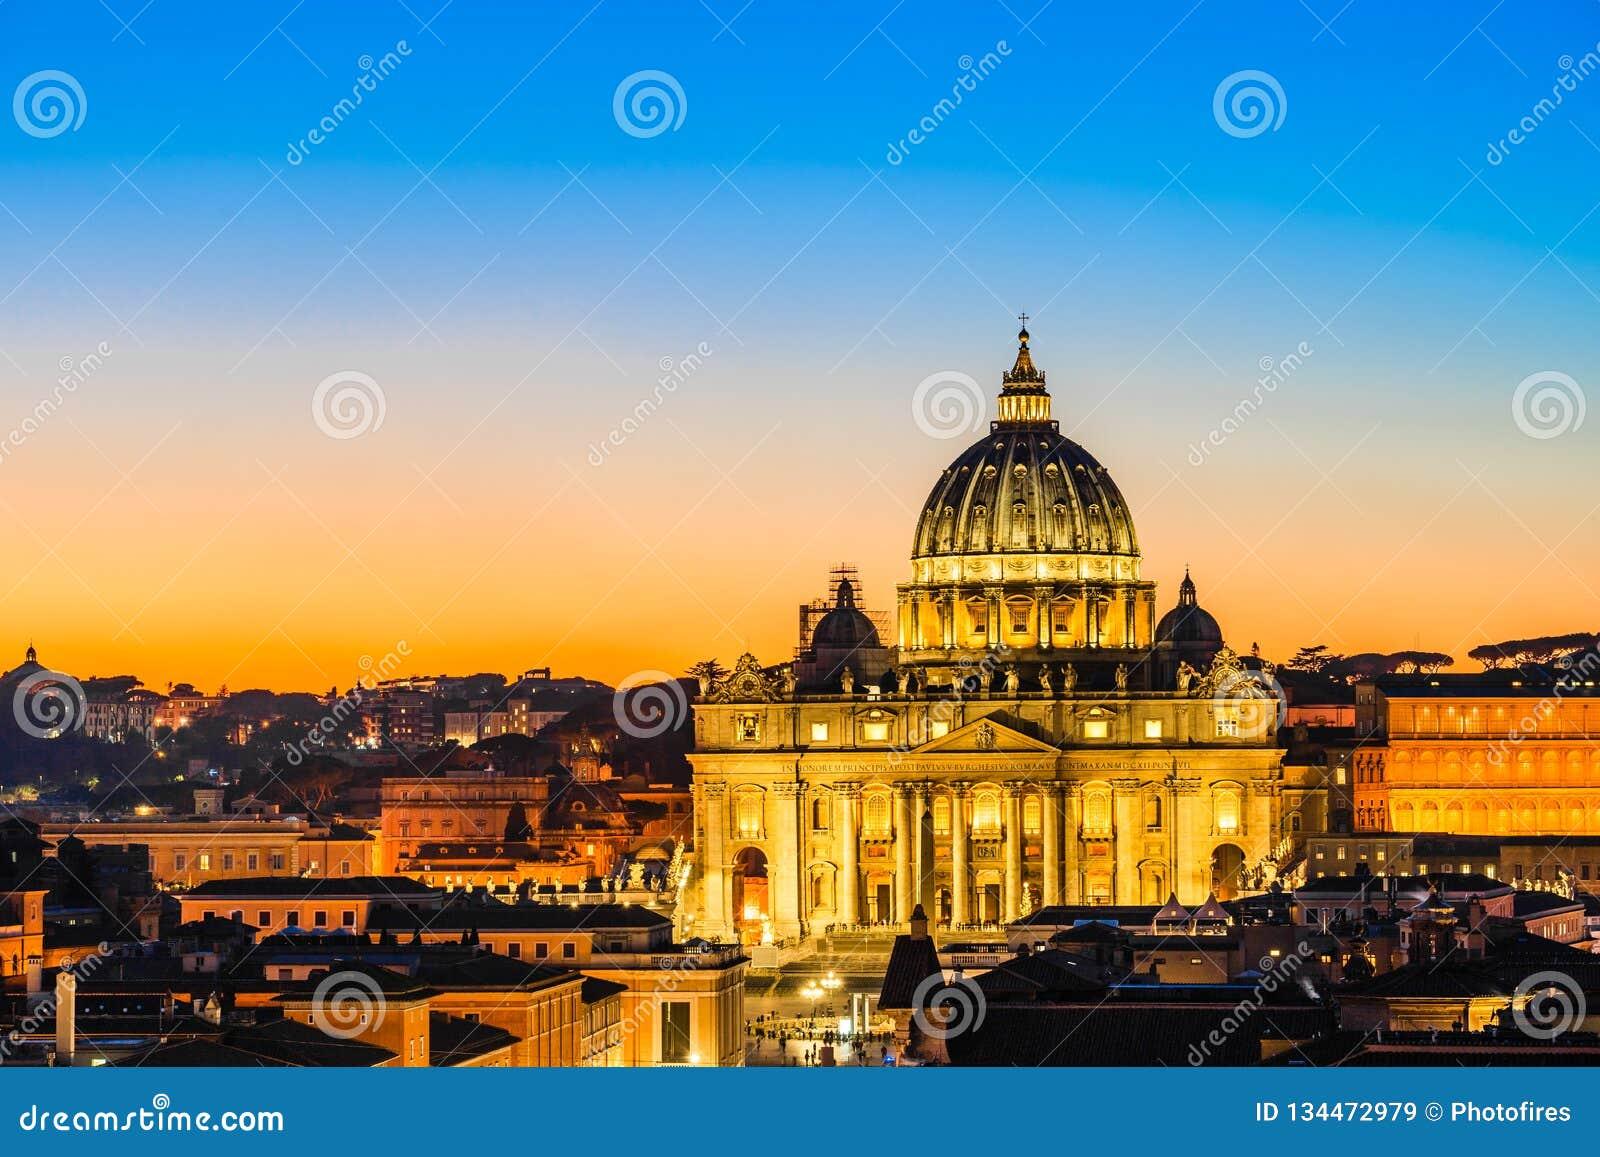 Άποψη νύχτας της βασιλικής του ST Peter στη πόλη του Βατικανού, Ρώμη, Ιταλία